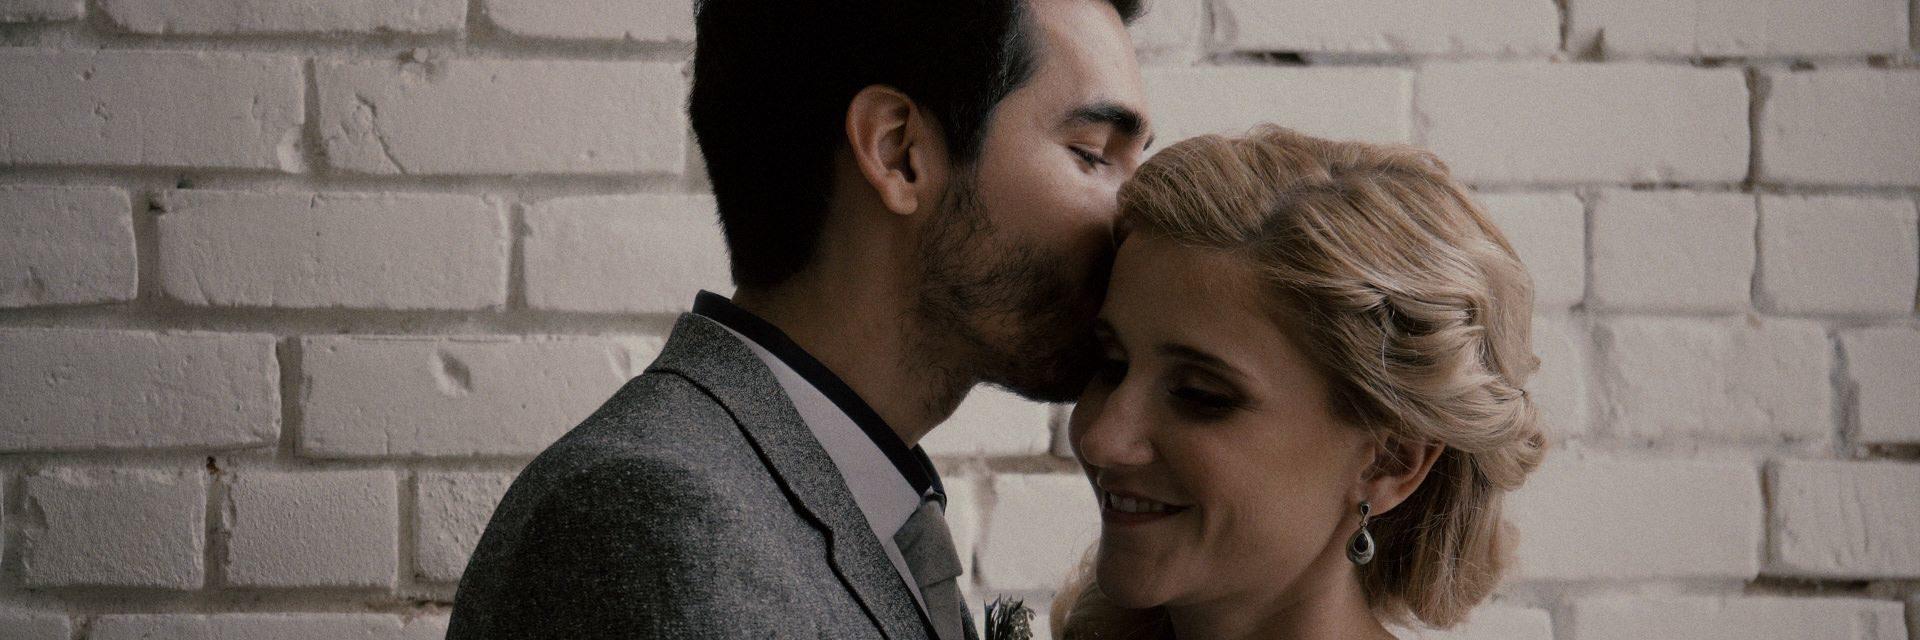 Bordeaux-wedding-videographer-cinemate-films-03